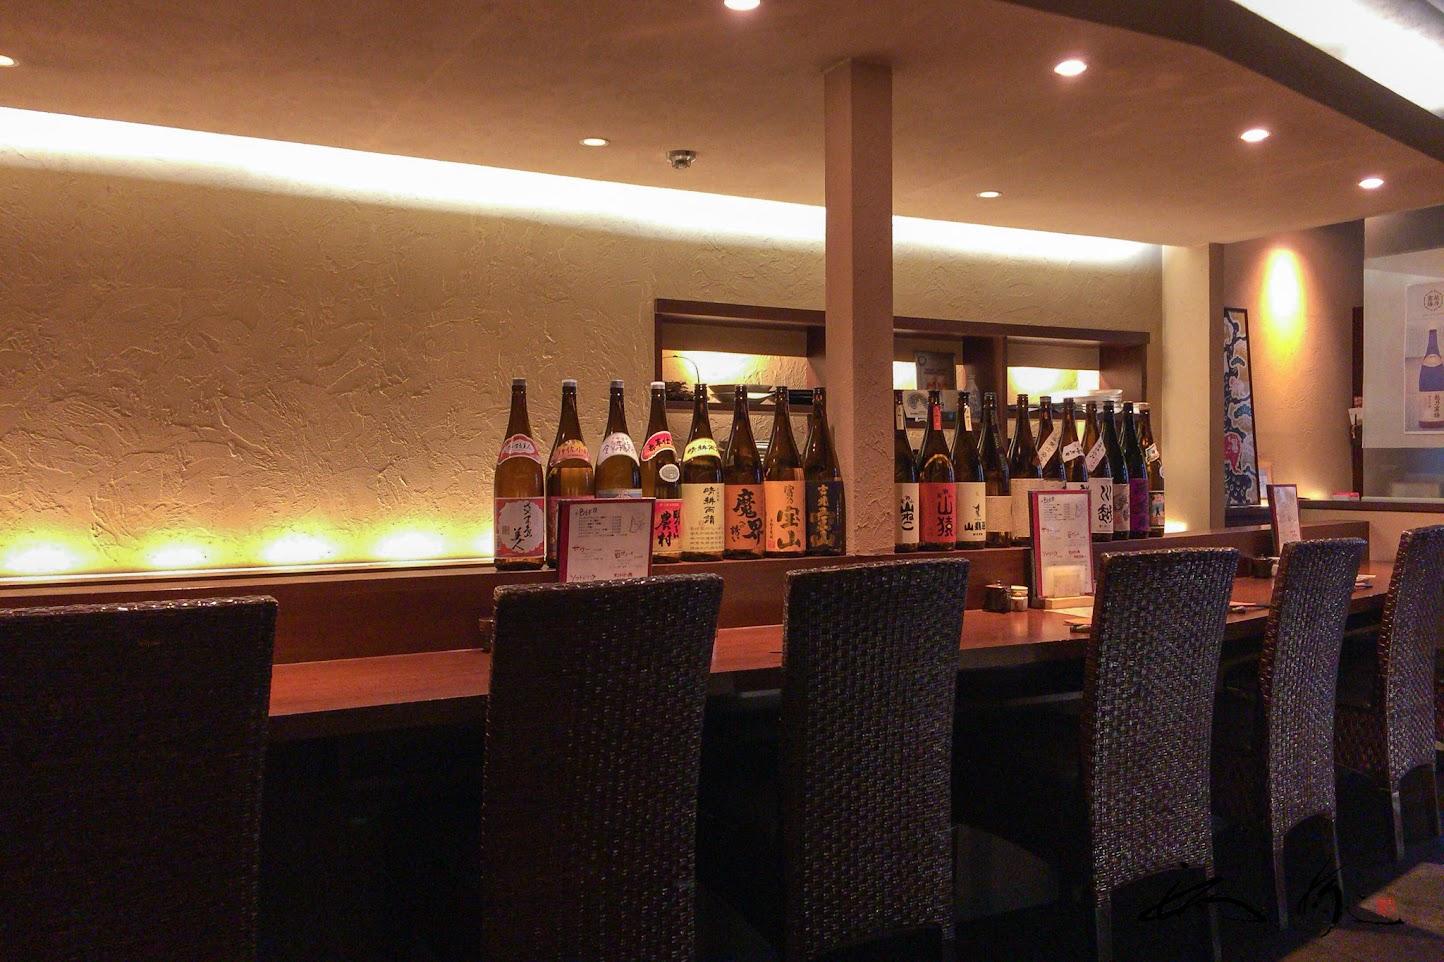 ずらりと並ぶ日本酒